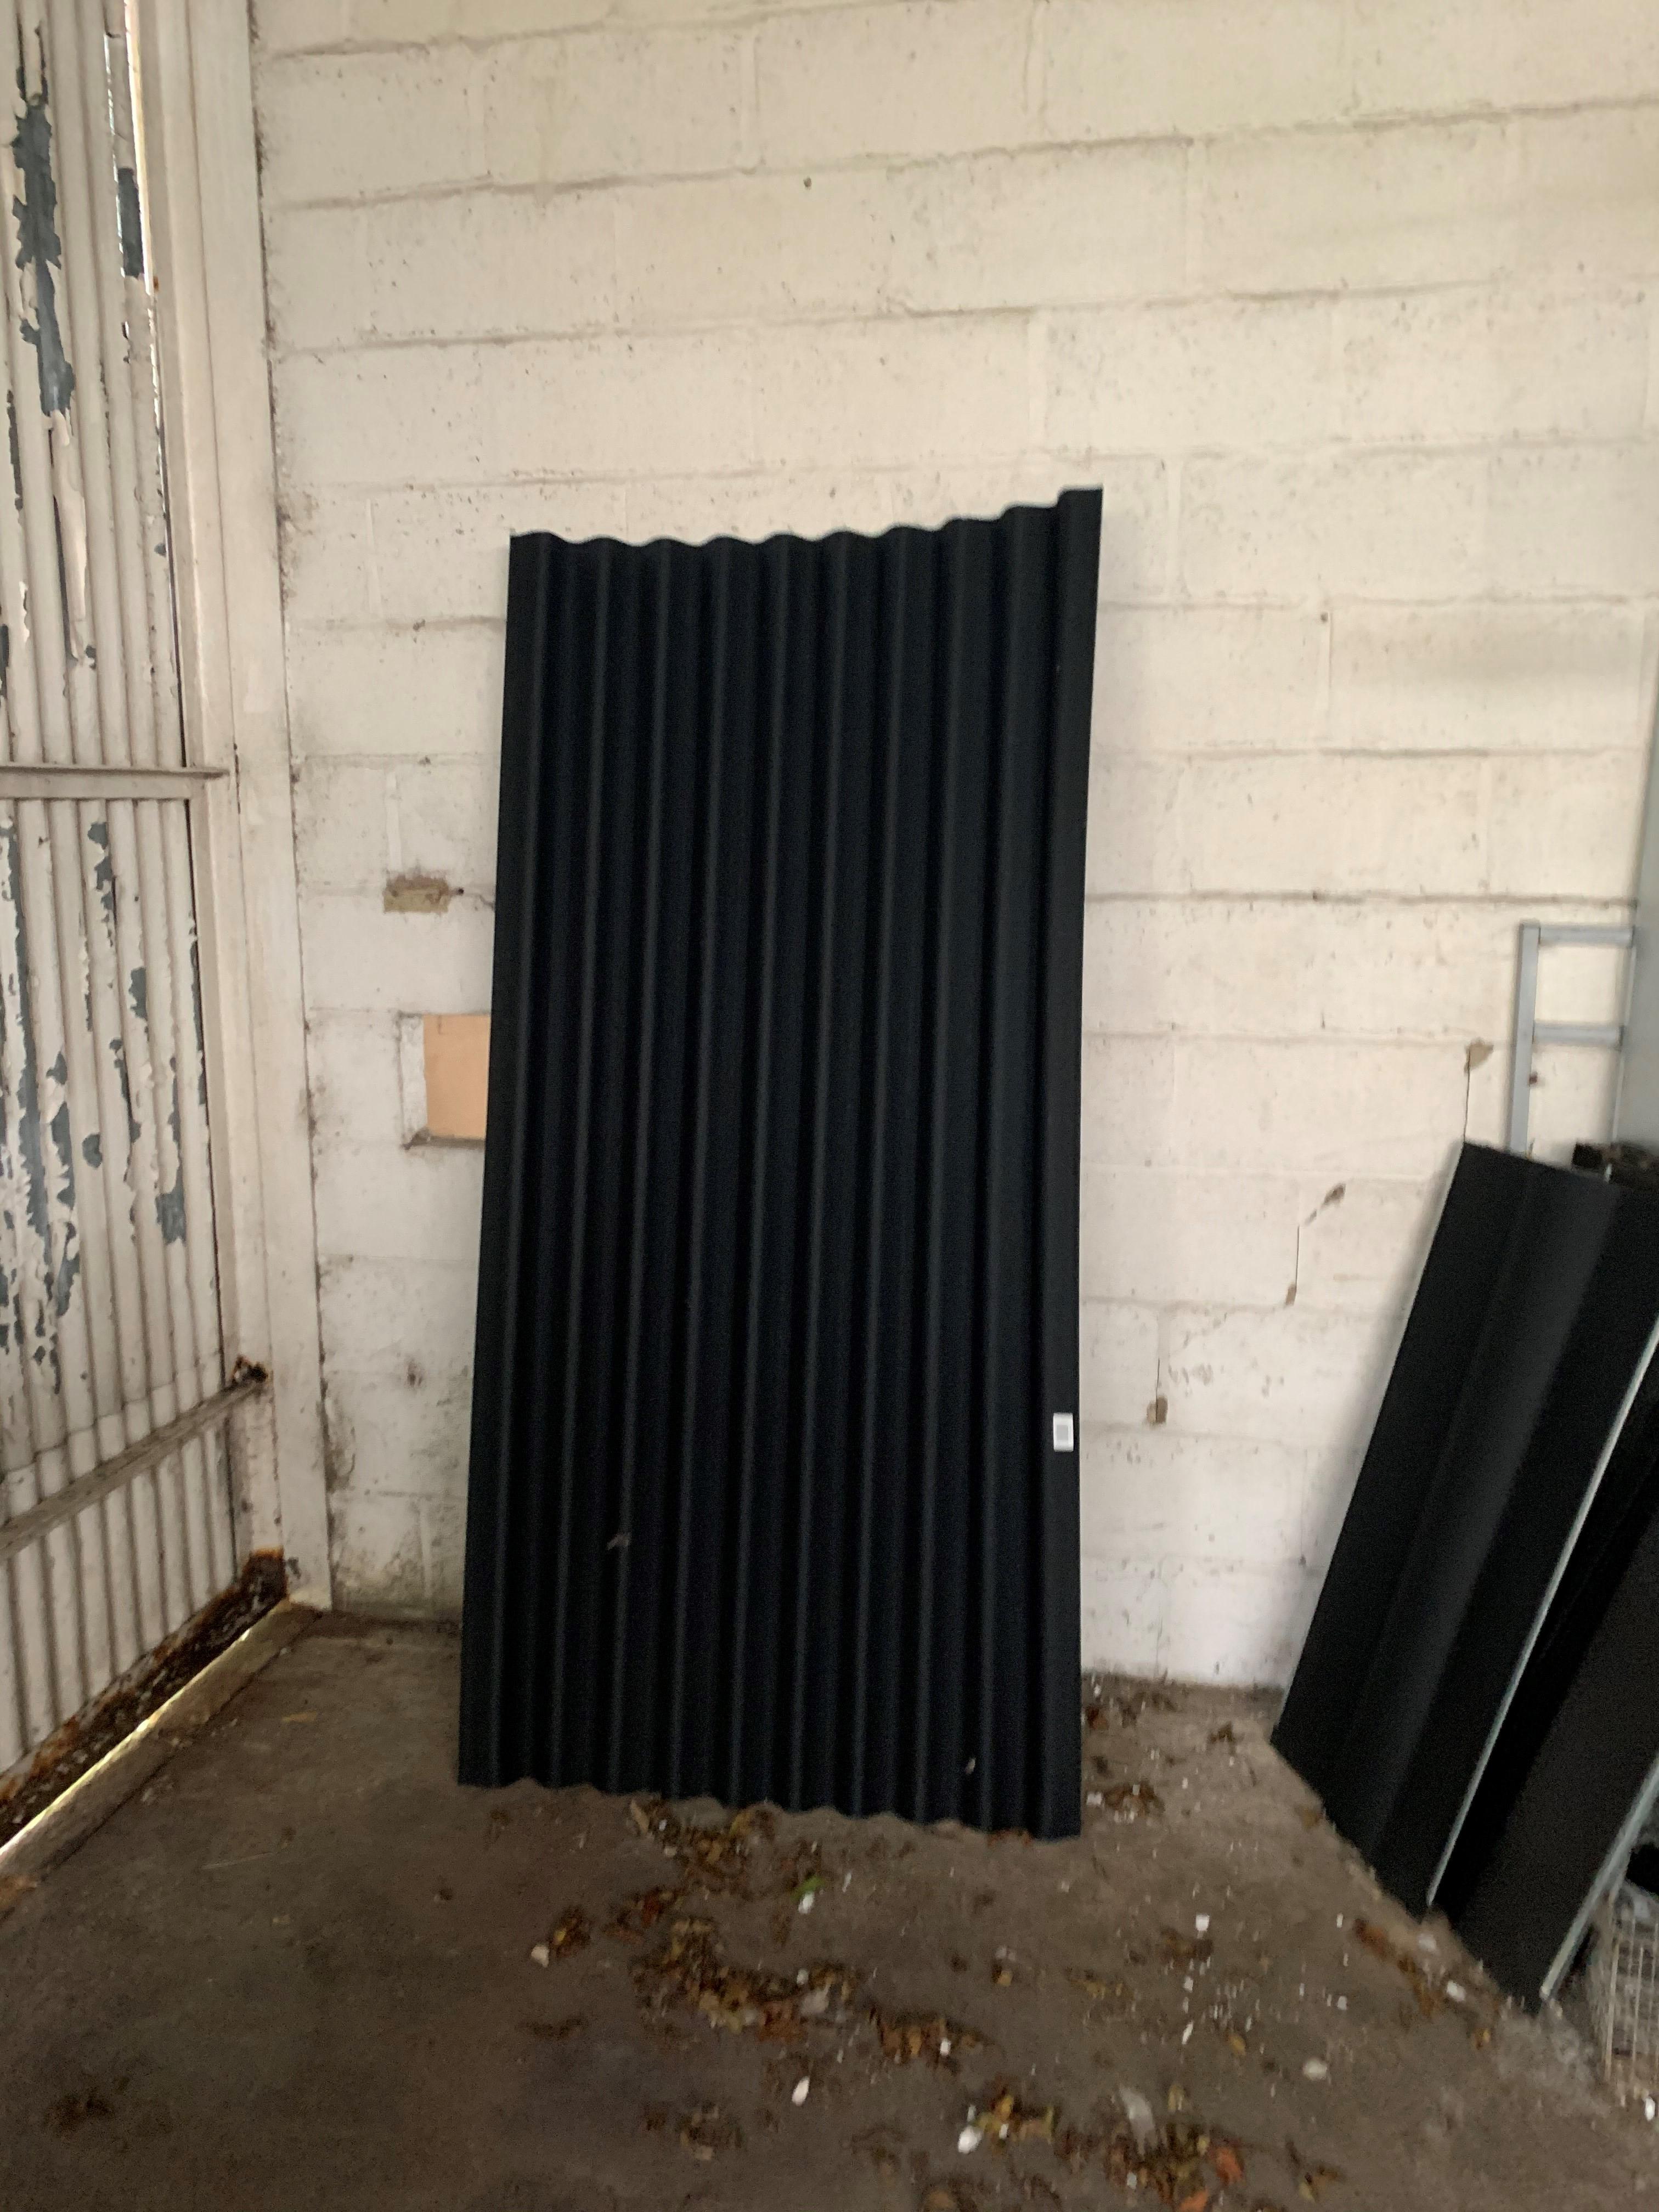 Coroline Black Roofing Sheet 2m X 950mm Rhino Building Supplies